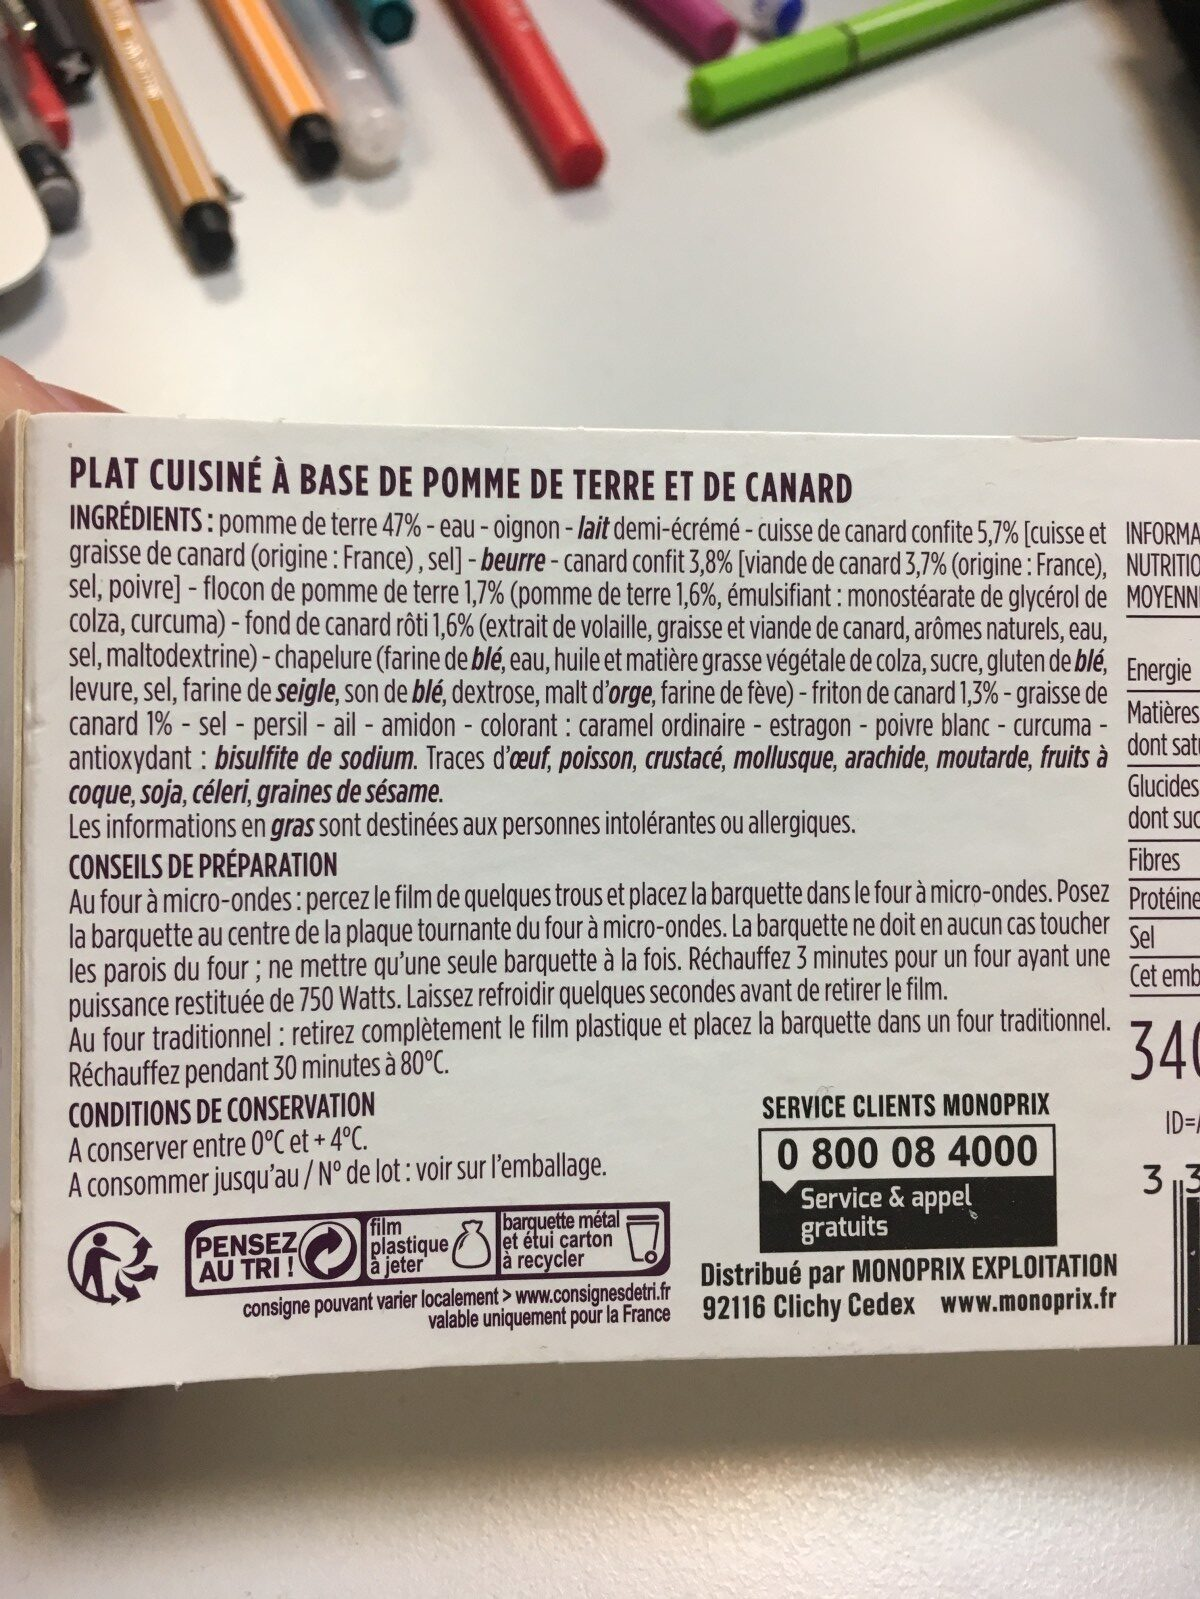 Parmentier de pommes de terre au canard confi - Ingrédients - fr